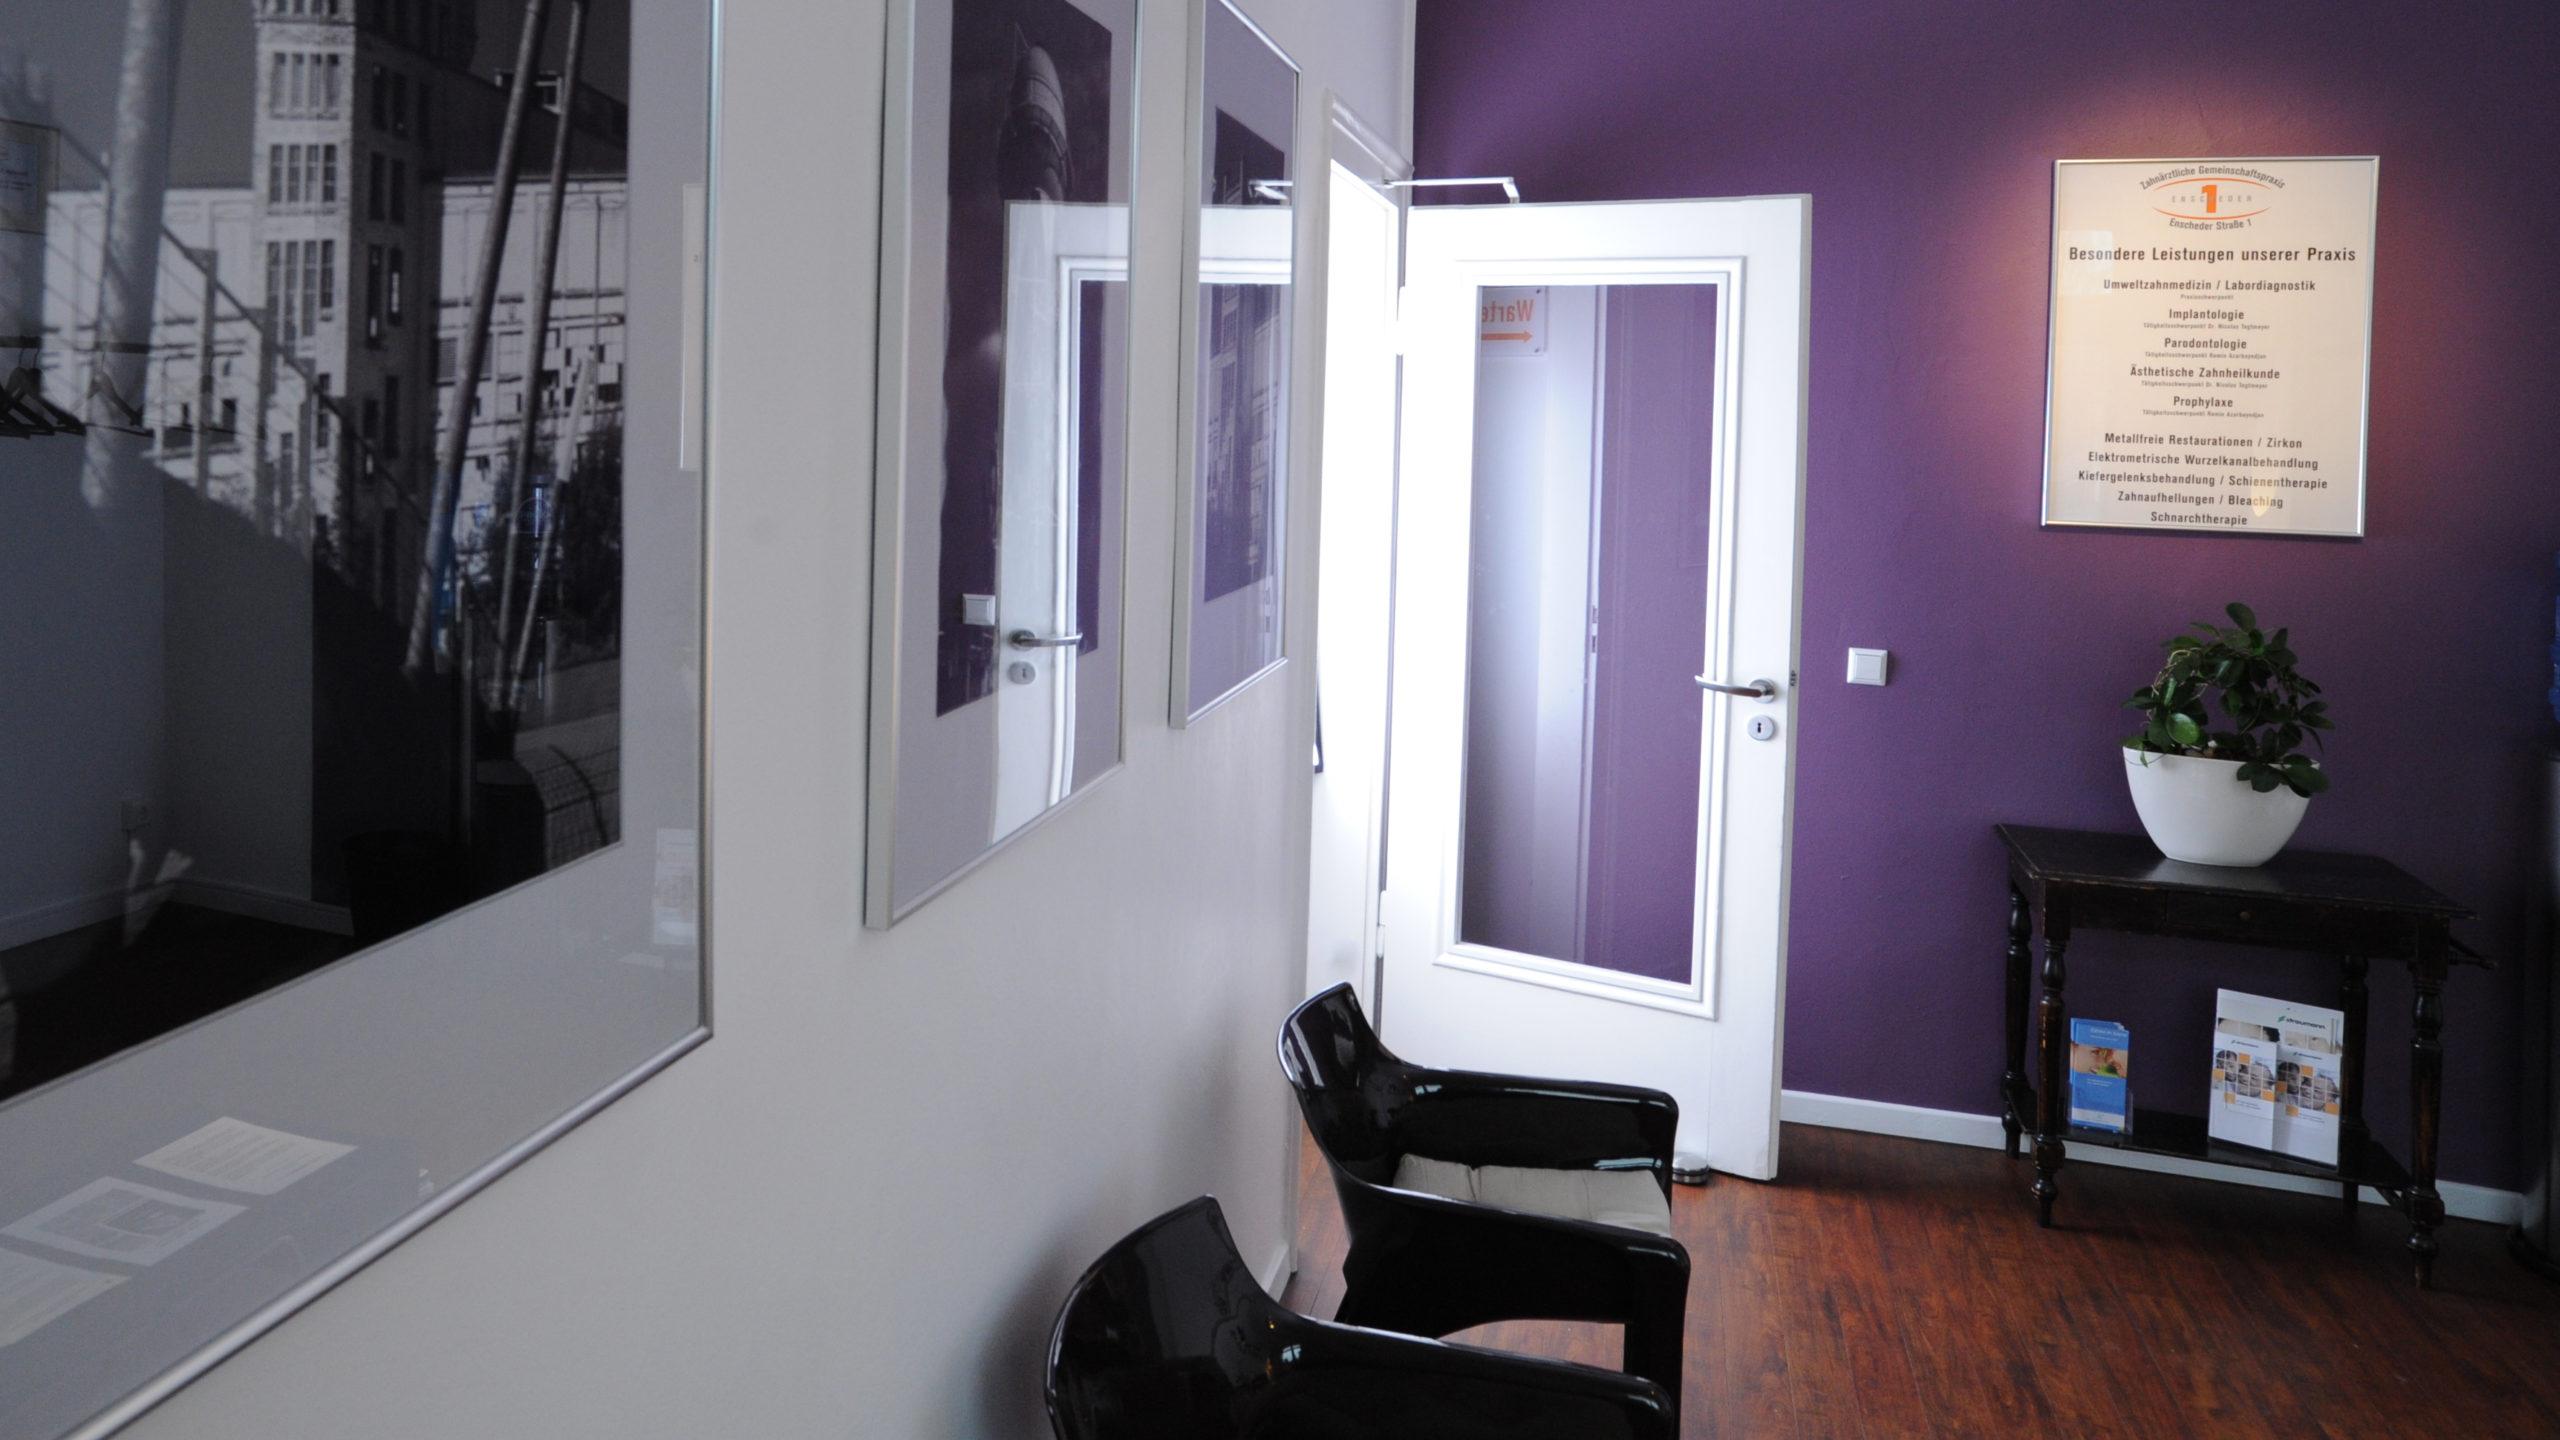 Zahnärztliche Gemeinschaftspraxis Enscheder Strasse 1 Foto 2 Impression des Warteraum